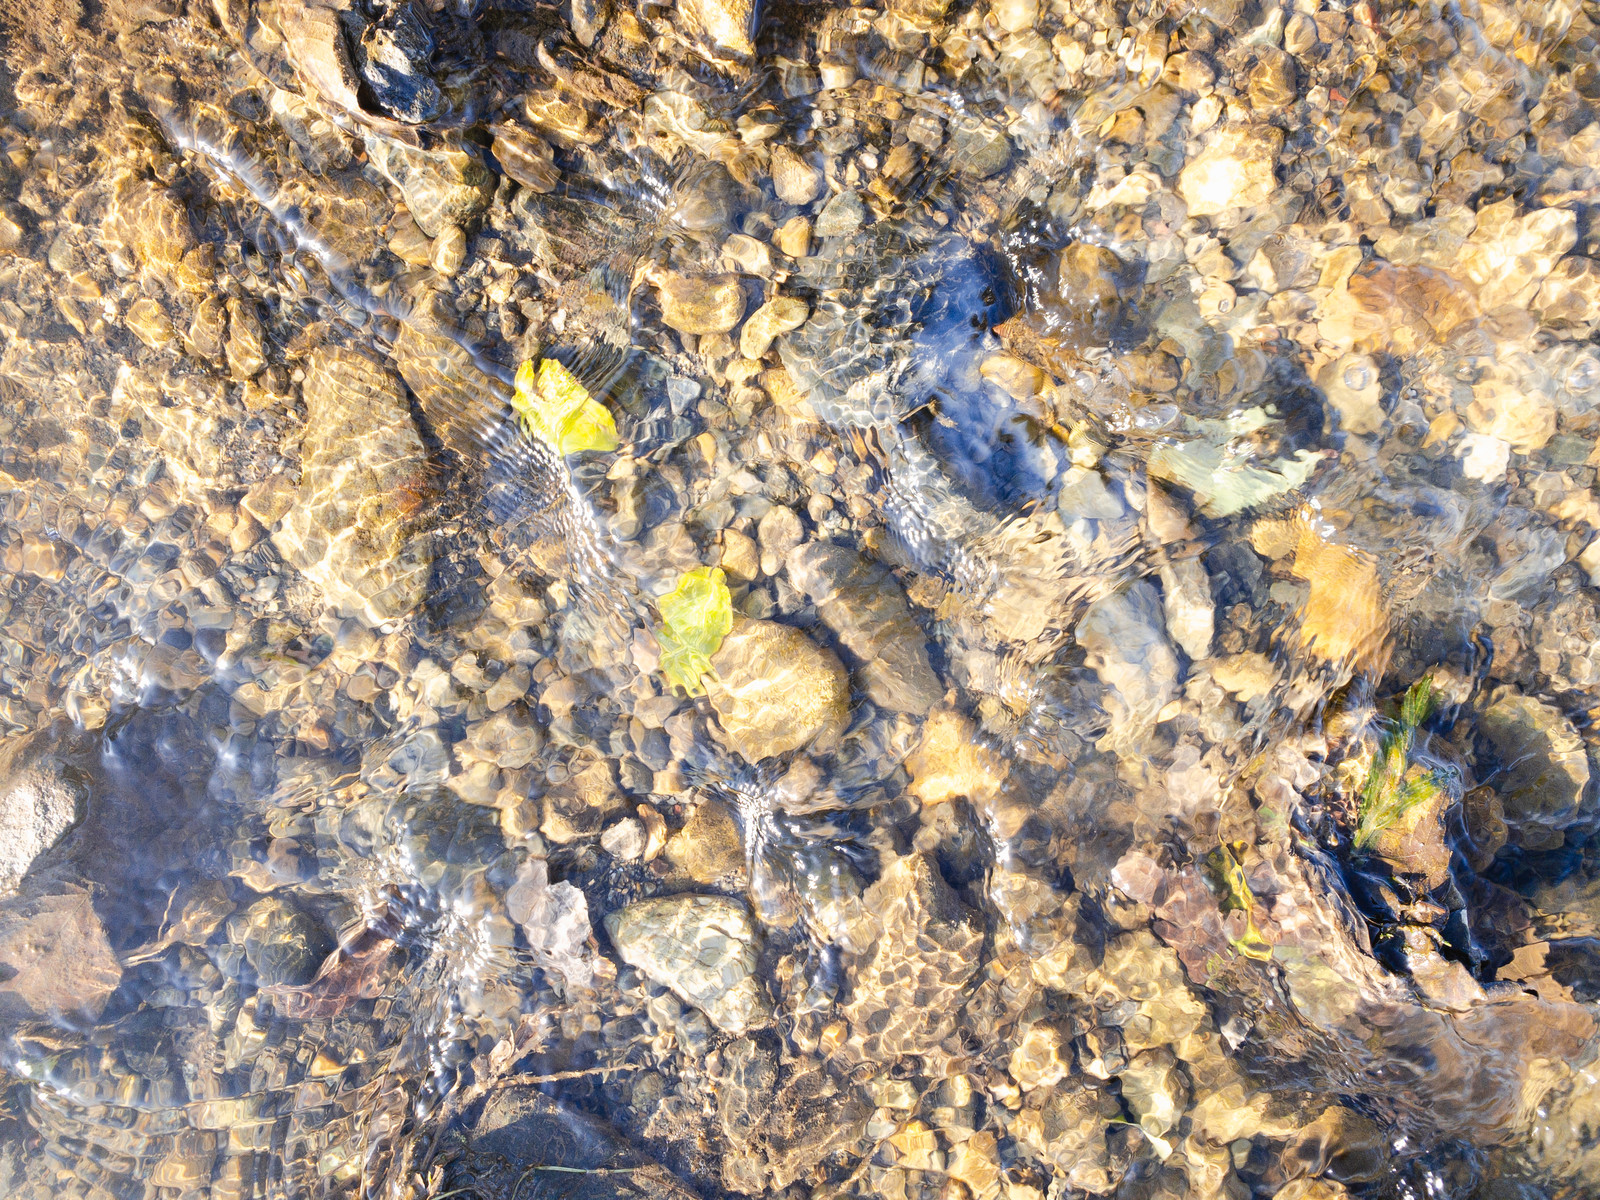 「水底に残る葉っぱと水の流れ(テクスチャ)」の写真